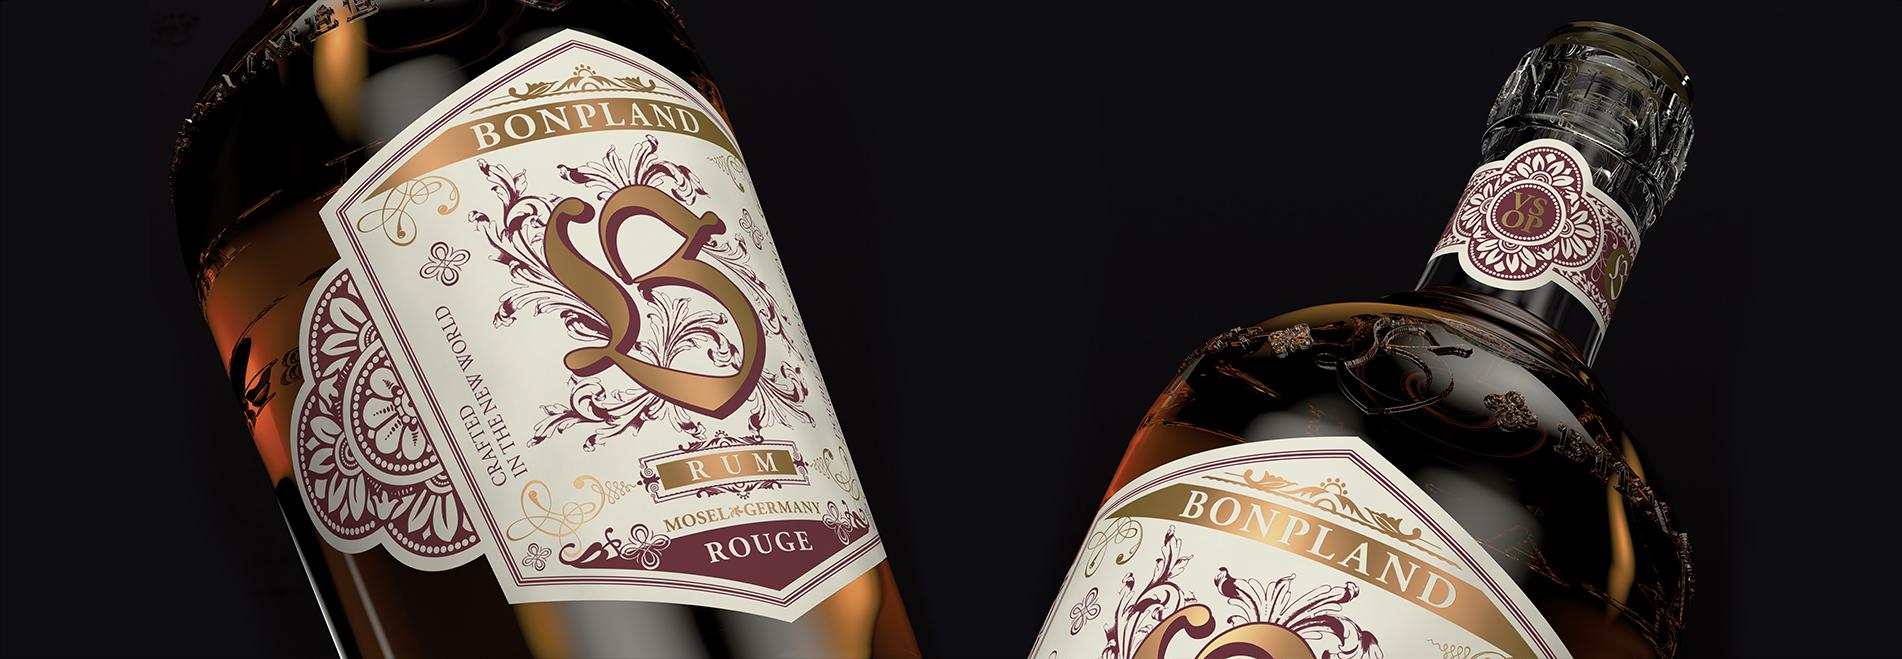 Zwei Detailaufnahmen der Bonpland Rum Rouge Flasche